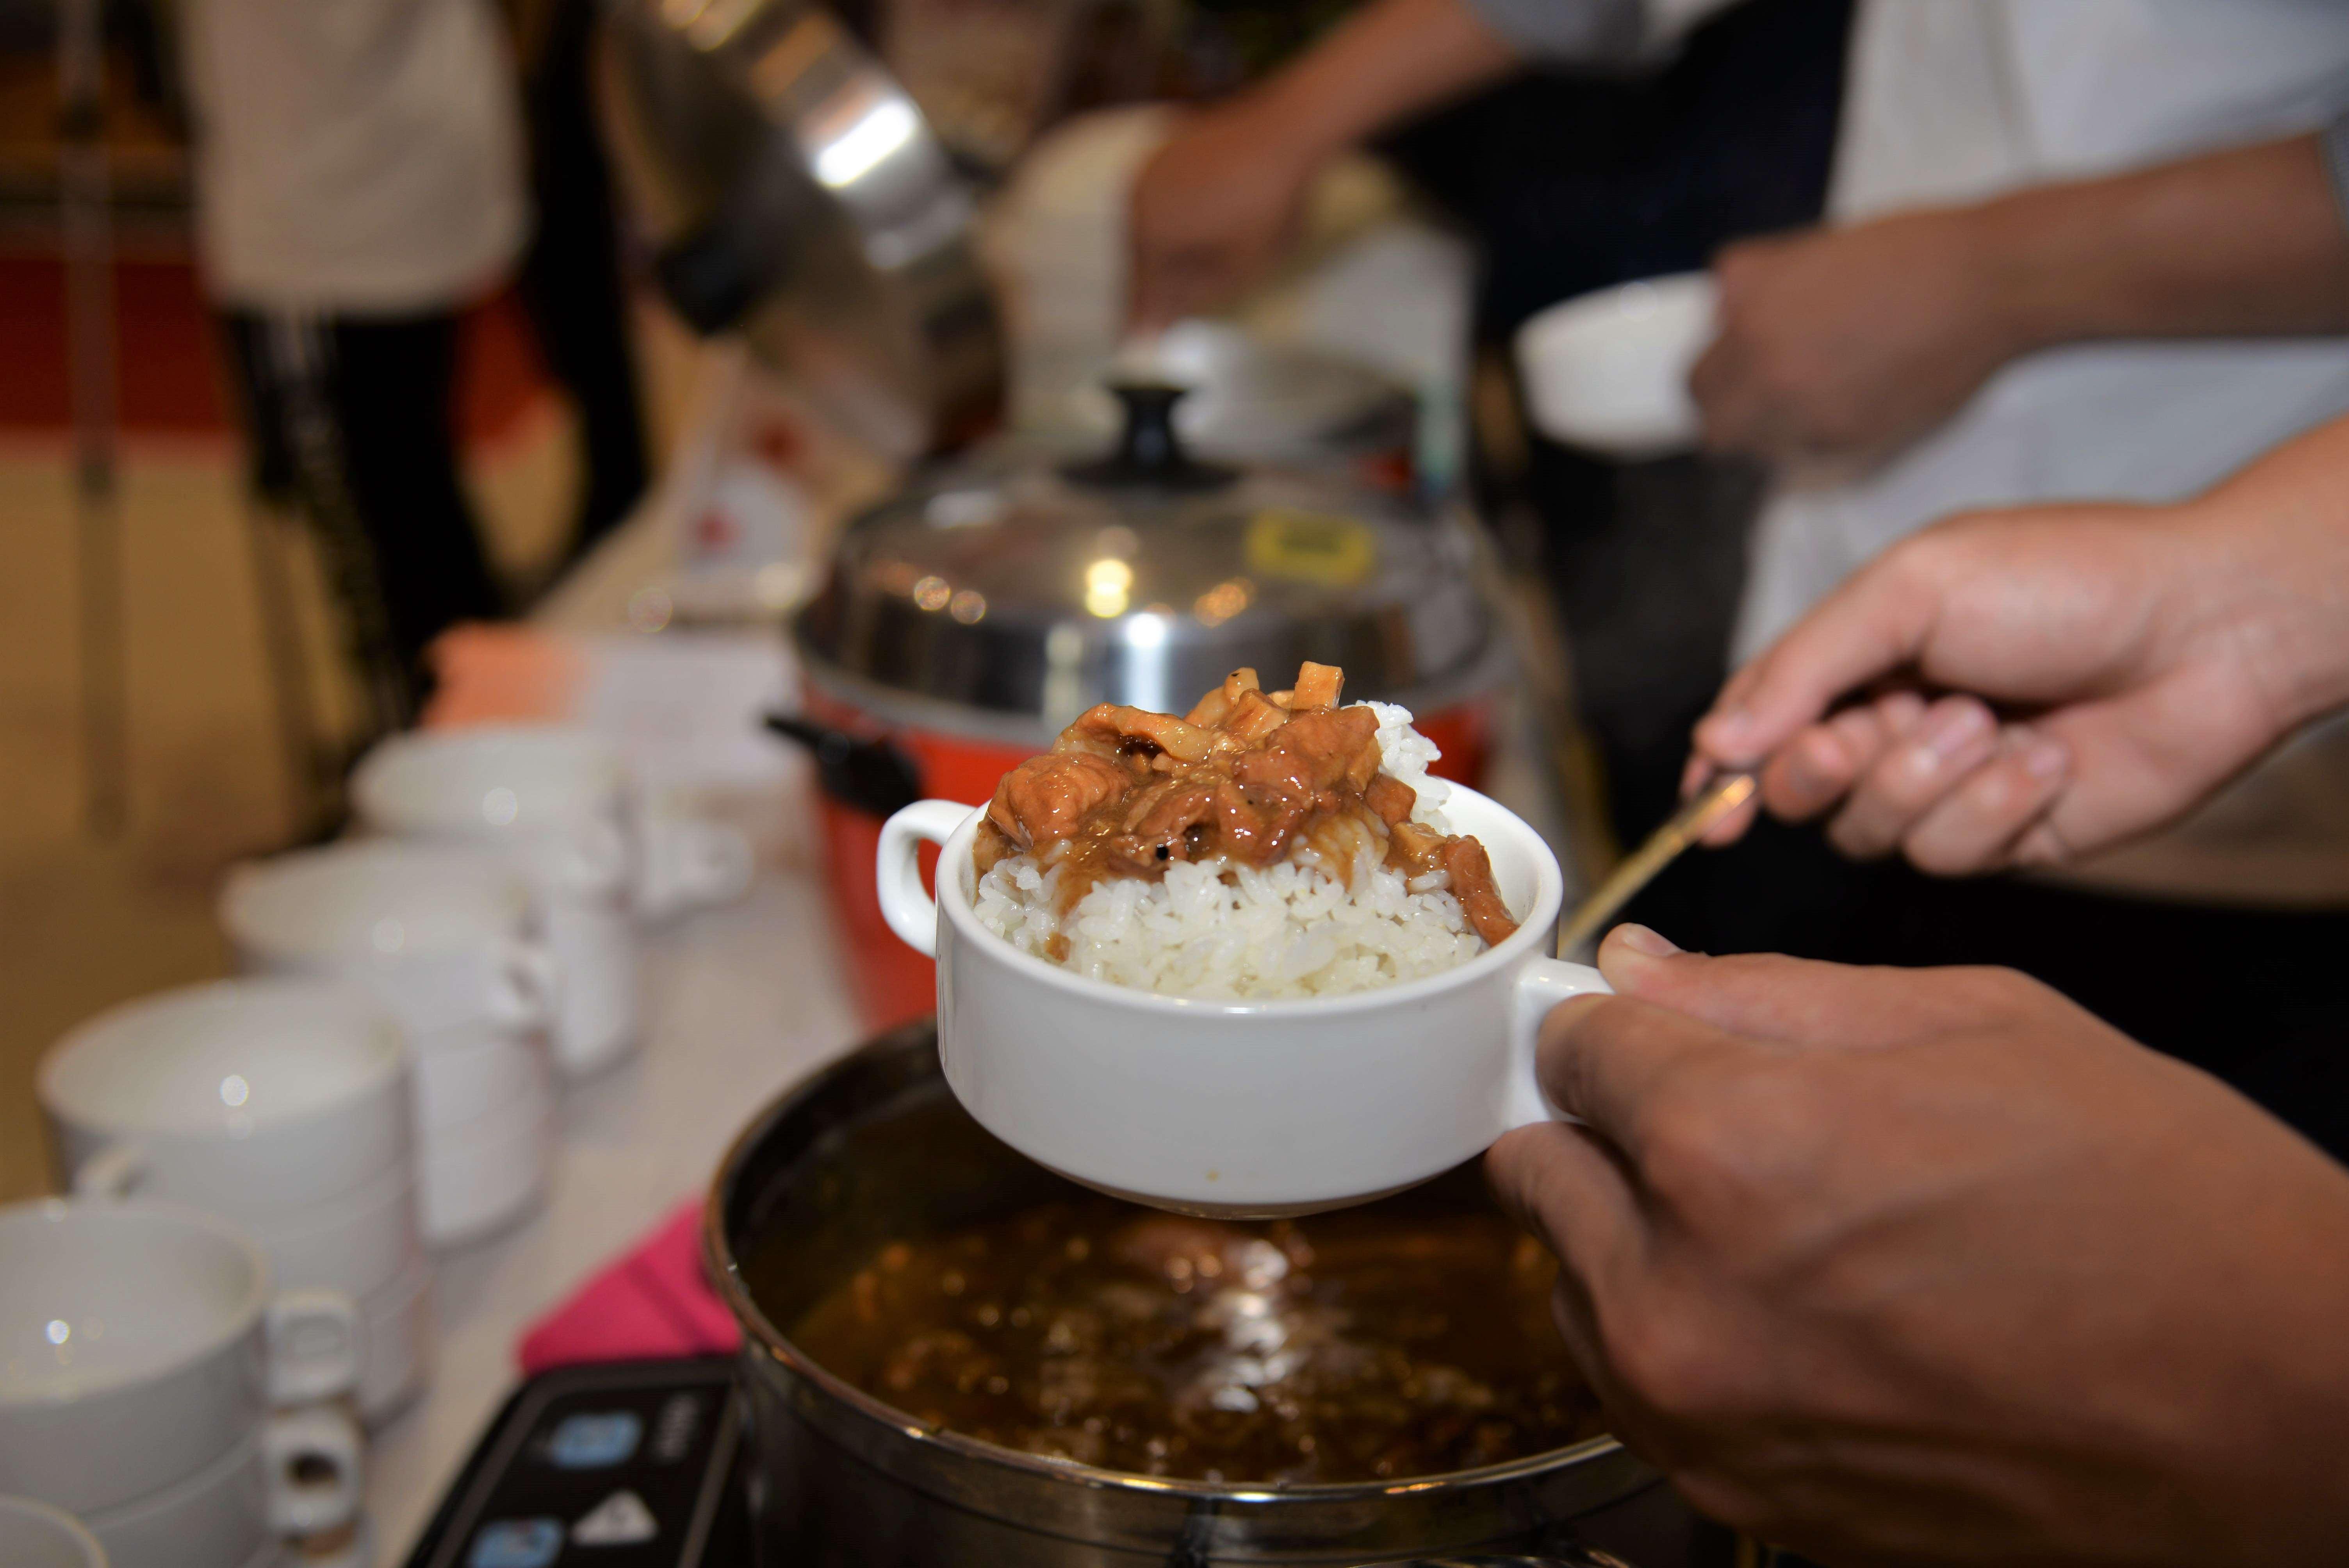 撲鼻米香、滷肉香、瑩白米飯淋上滷汁引人食慾